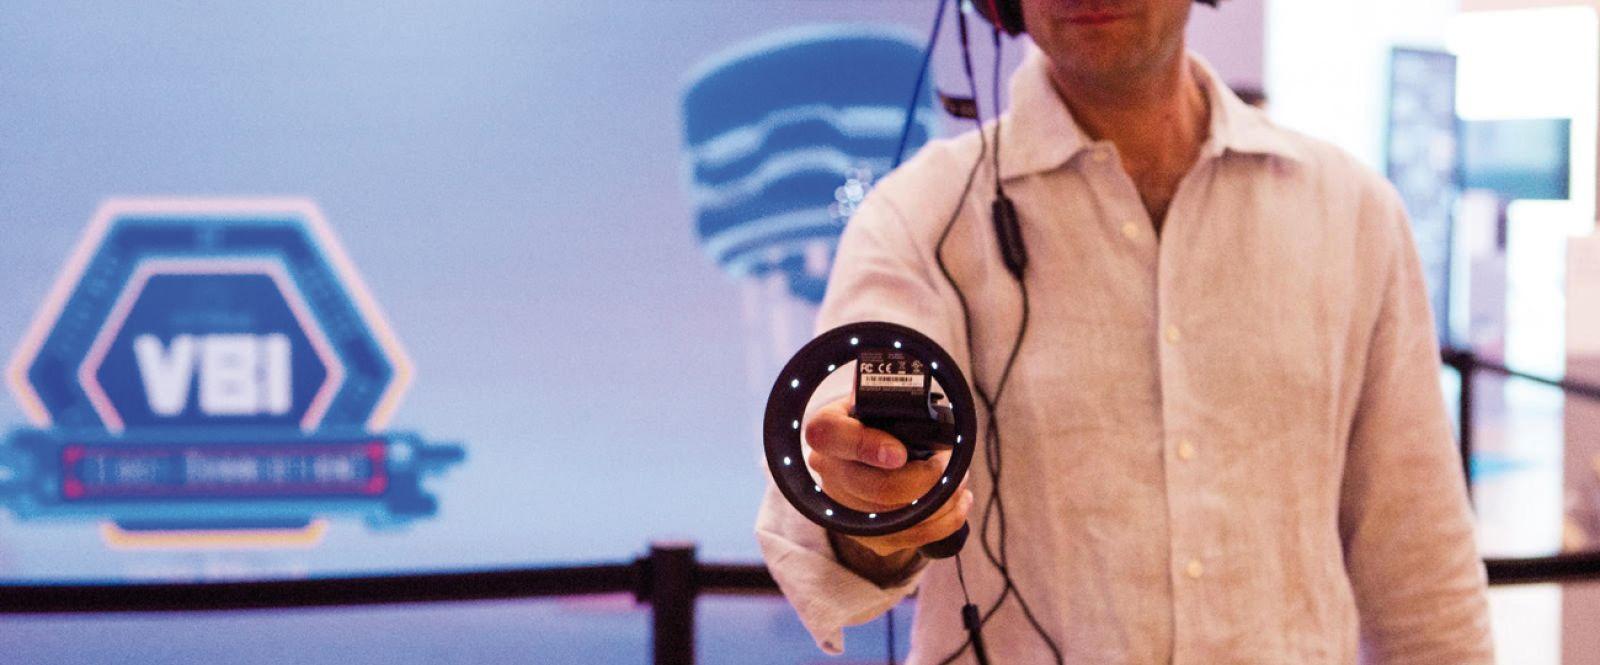 Il fondo Rif (Equiter) investe nella realtà aumentata di VRMedia